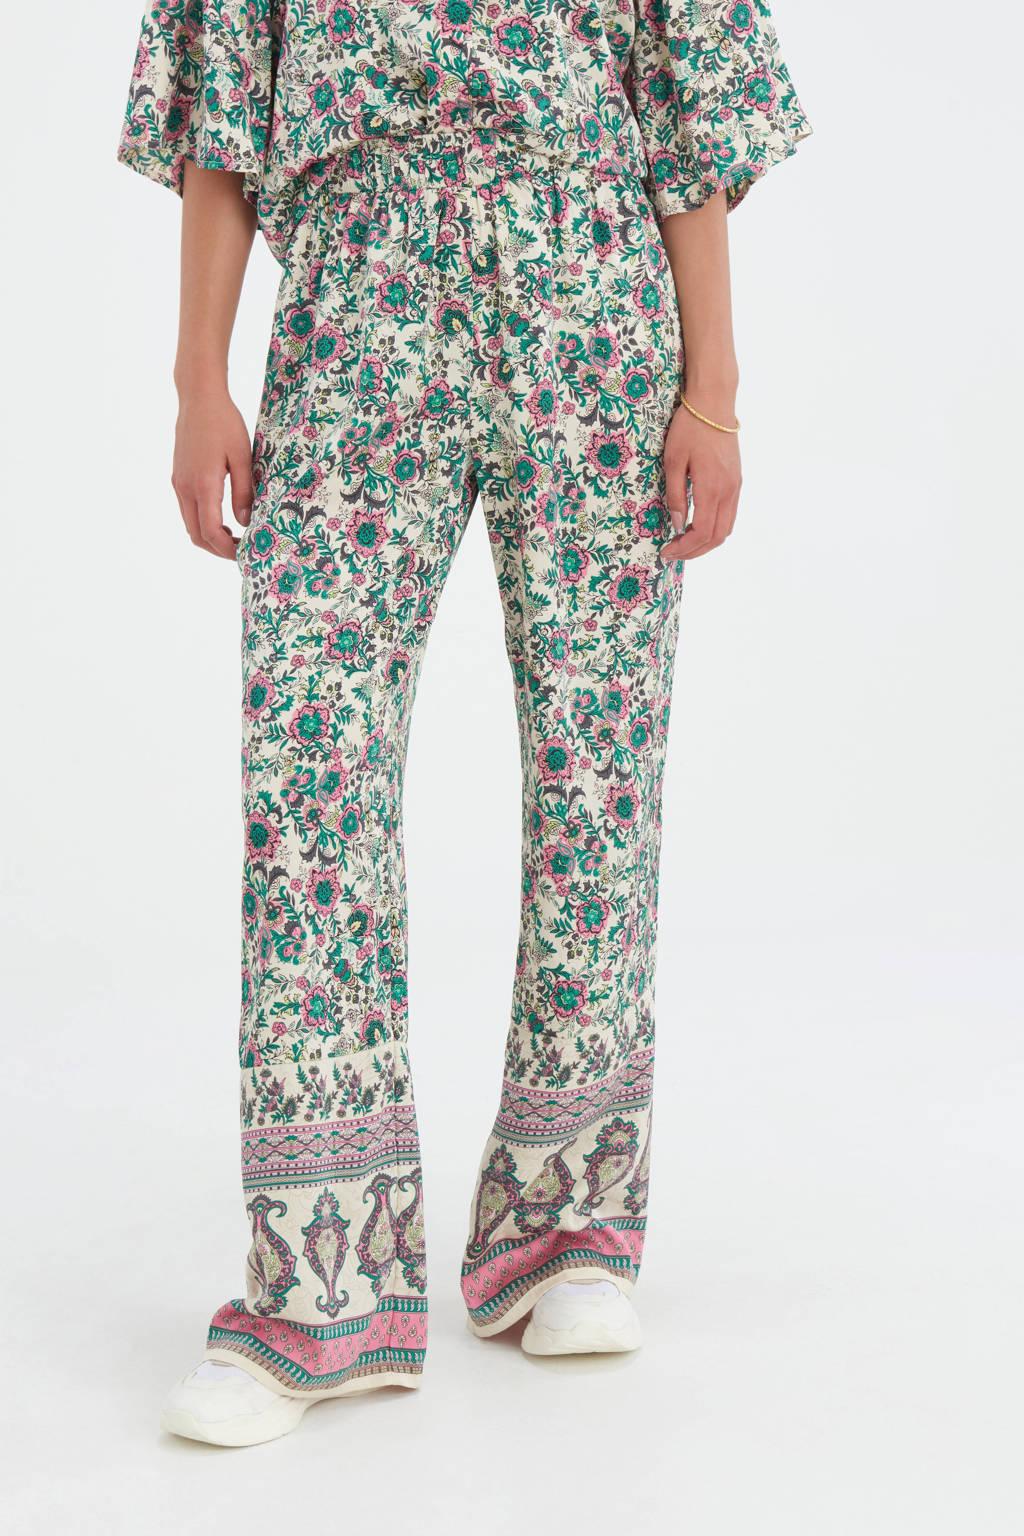 Shoeby Eksept high waist wide leg palazzo broek Printed met all over print multi, Multi